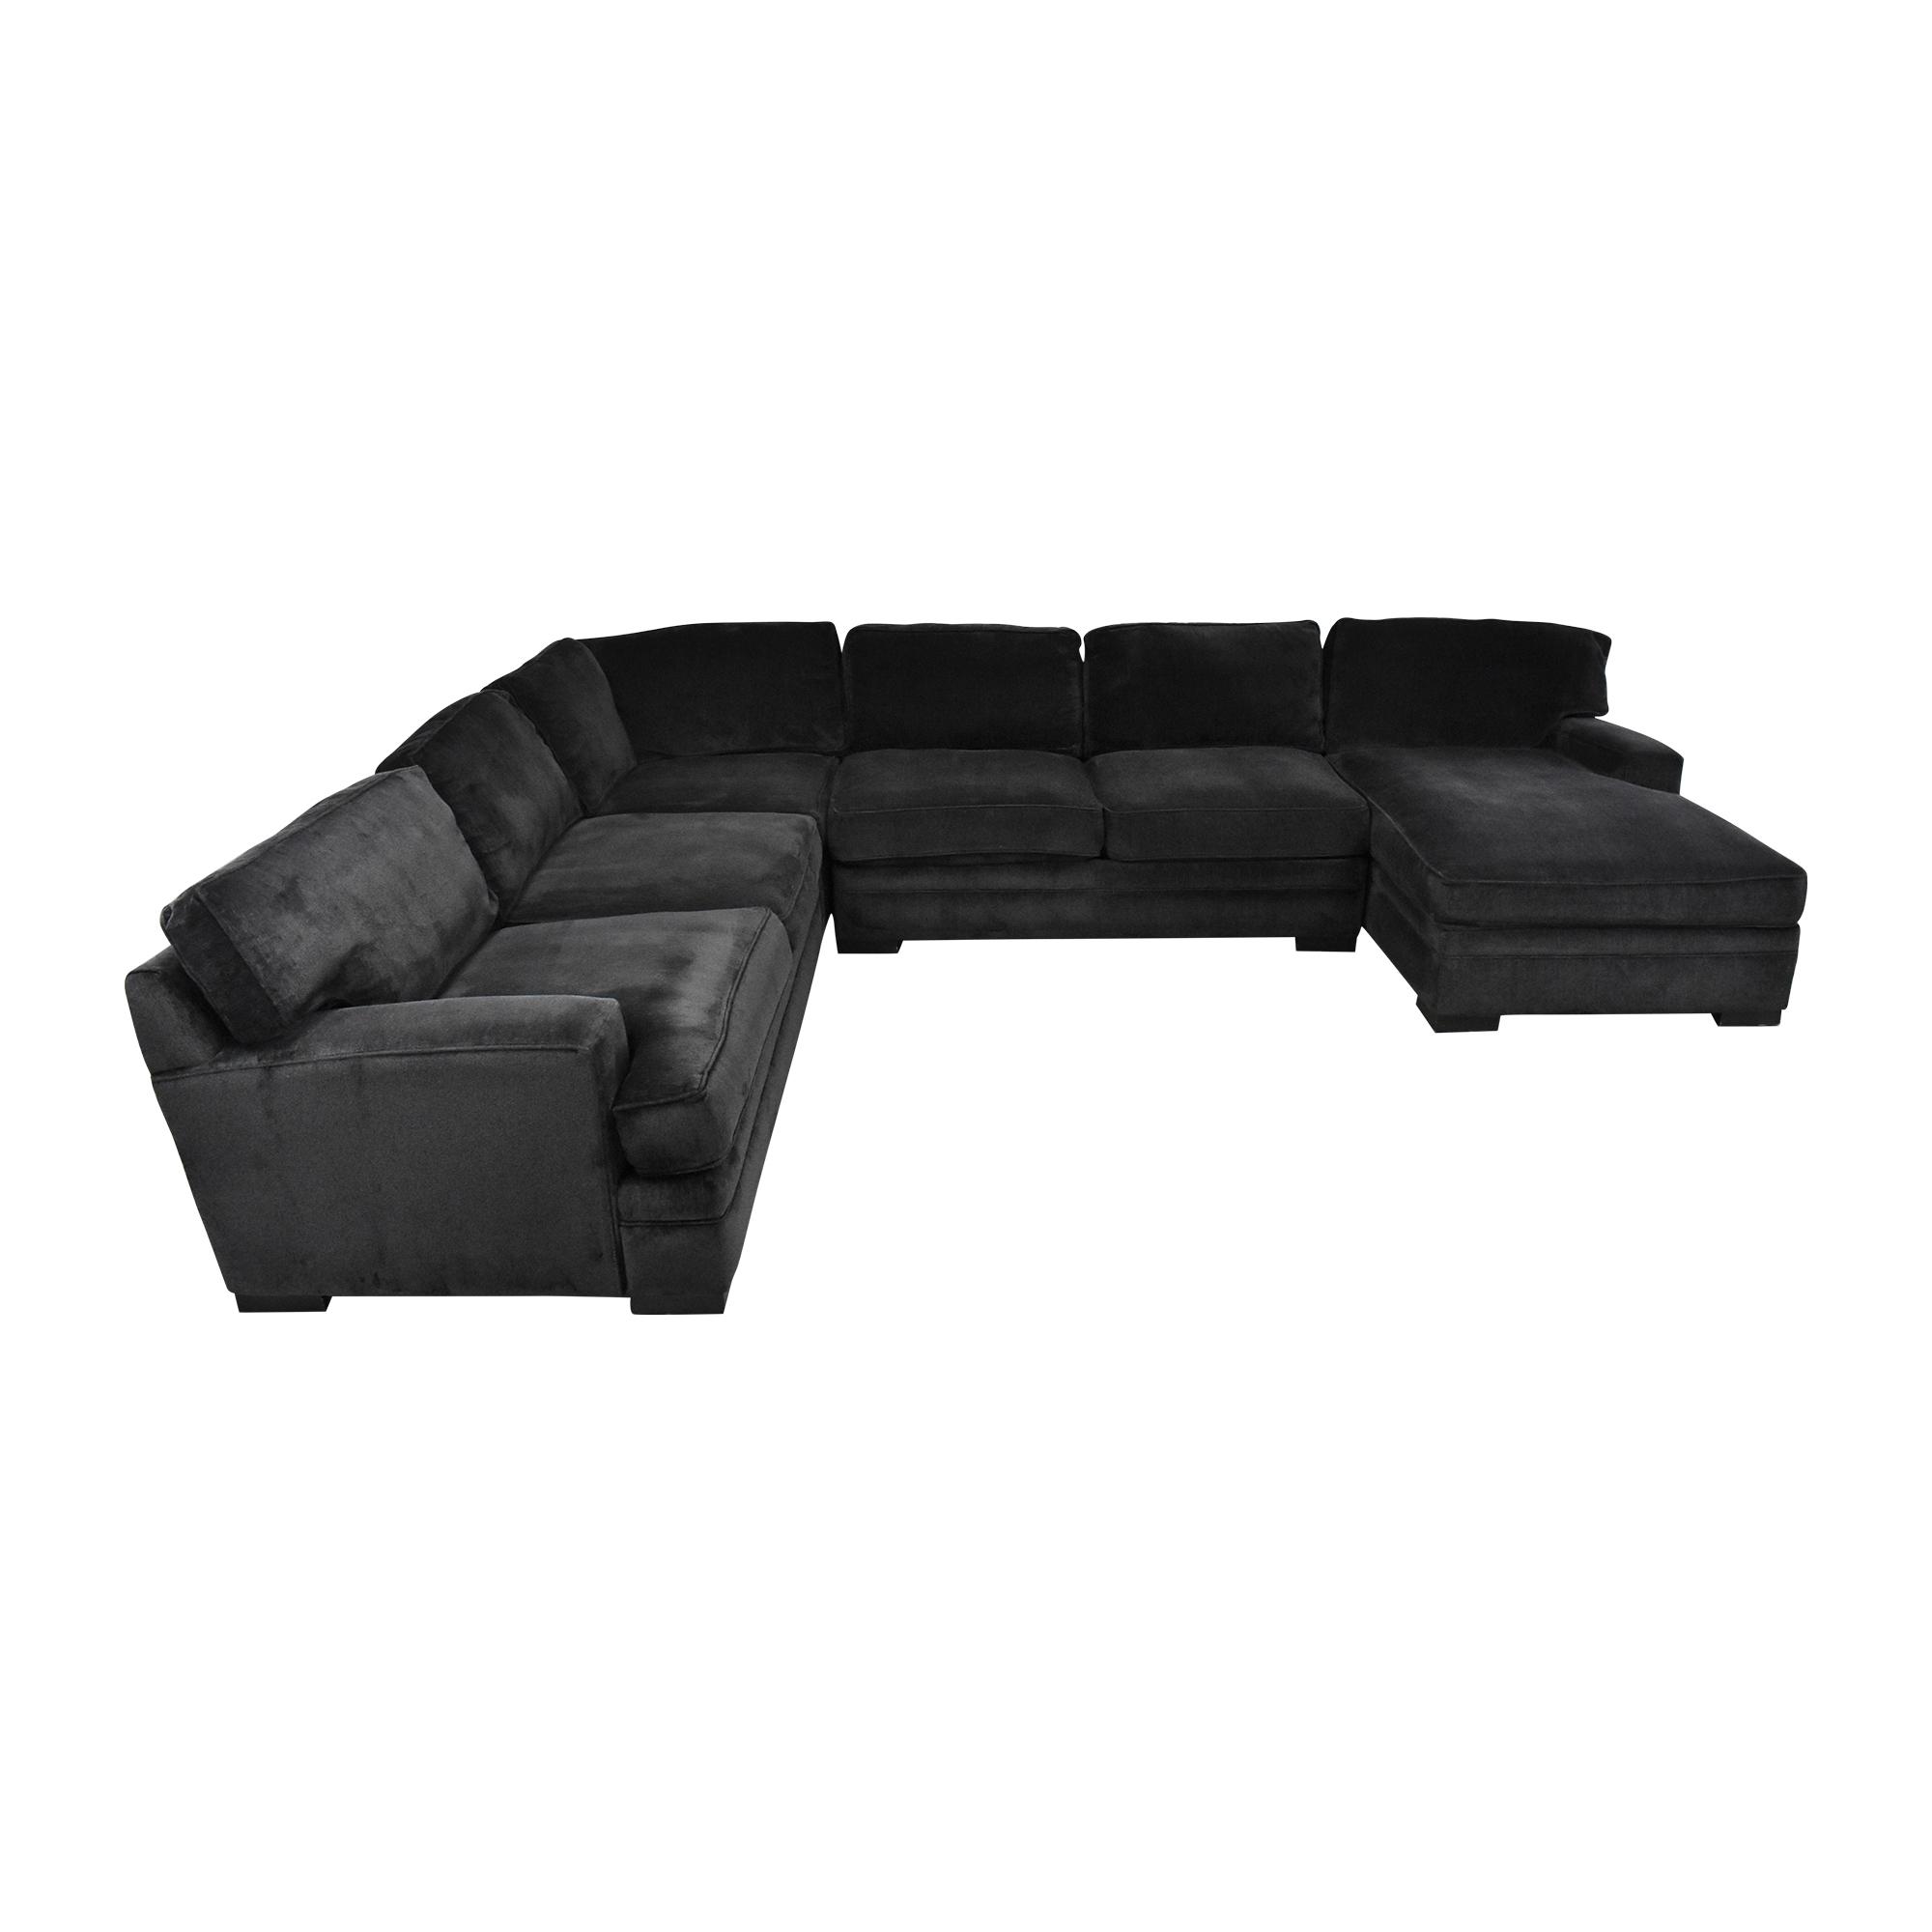 Macy's Macy's Teddy Four Piece Chaise Sectional Sofa dark grey